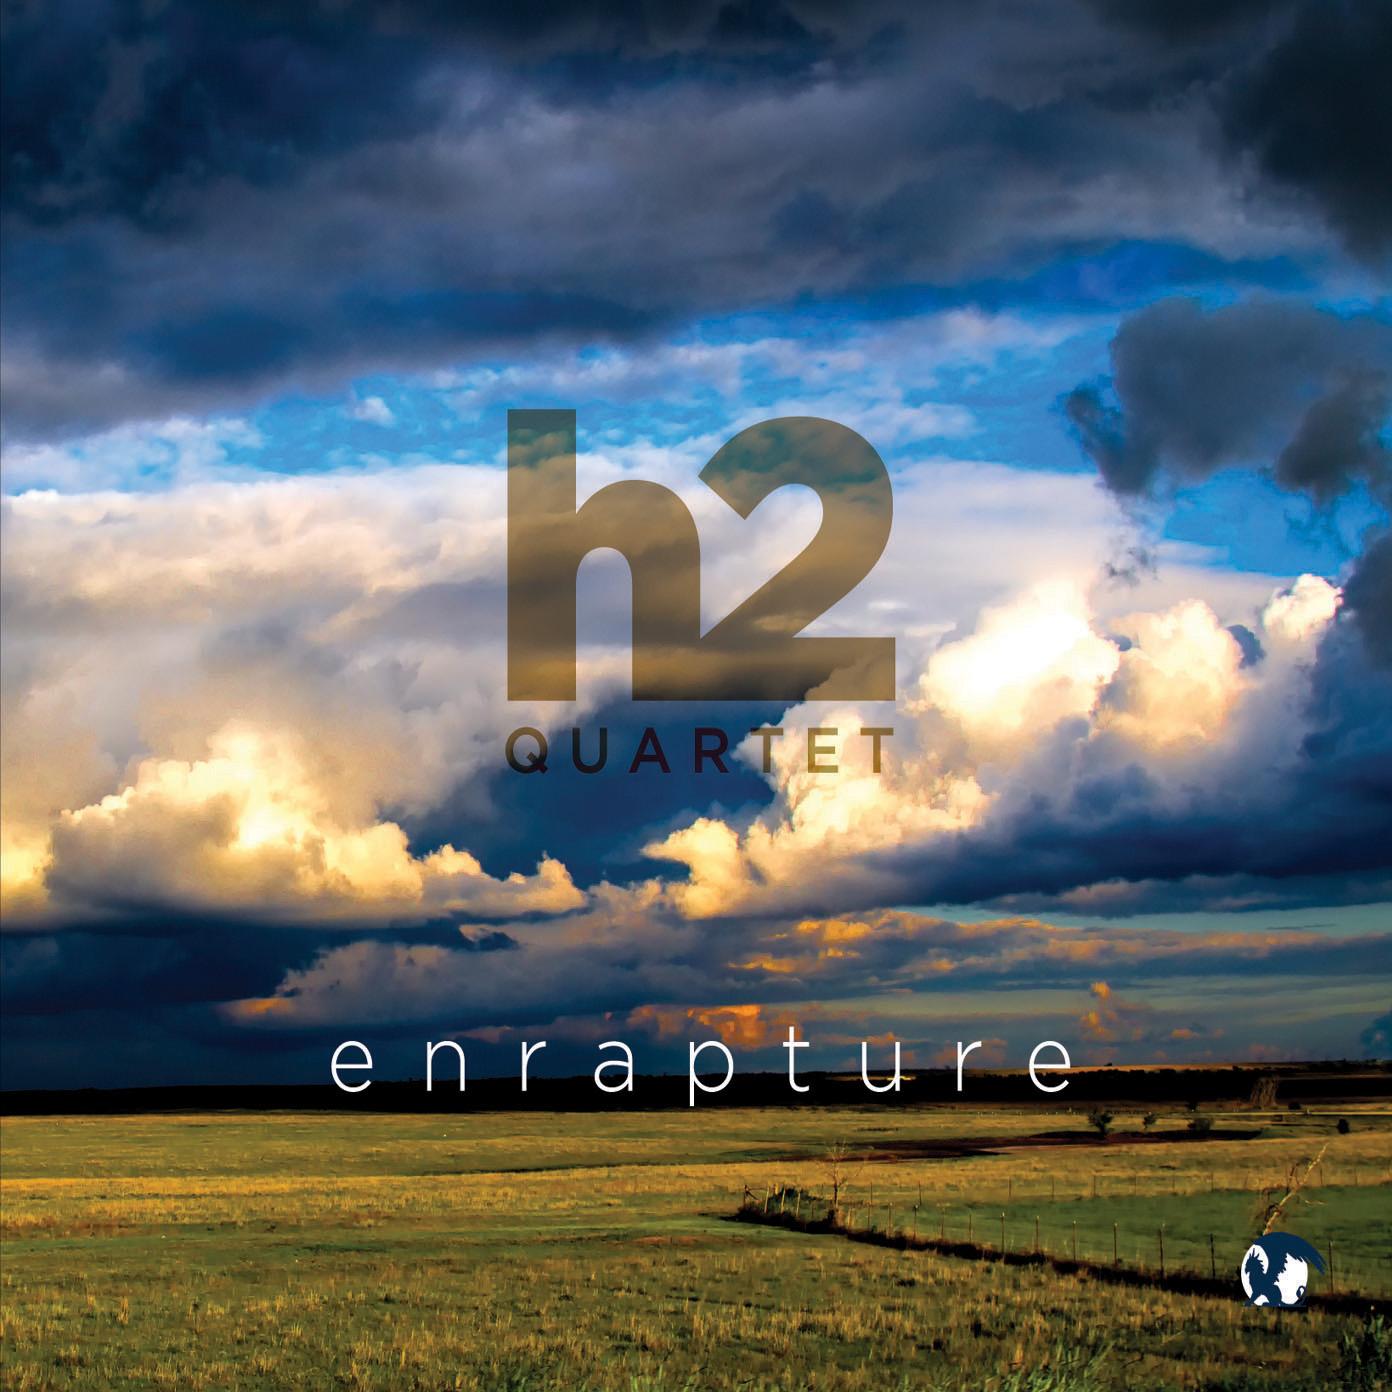 h2 quartet - Enrapture (2016)